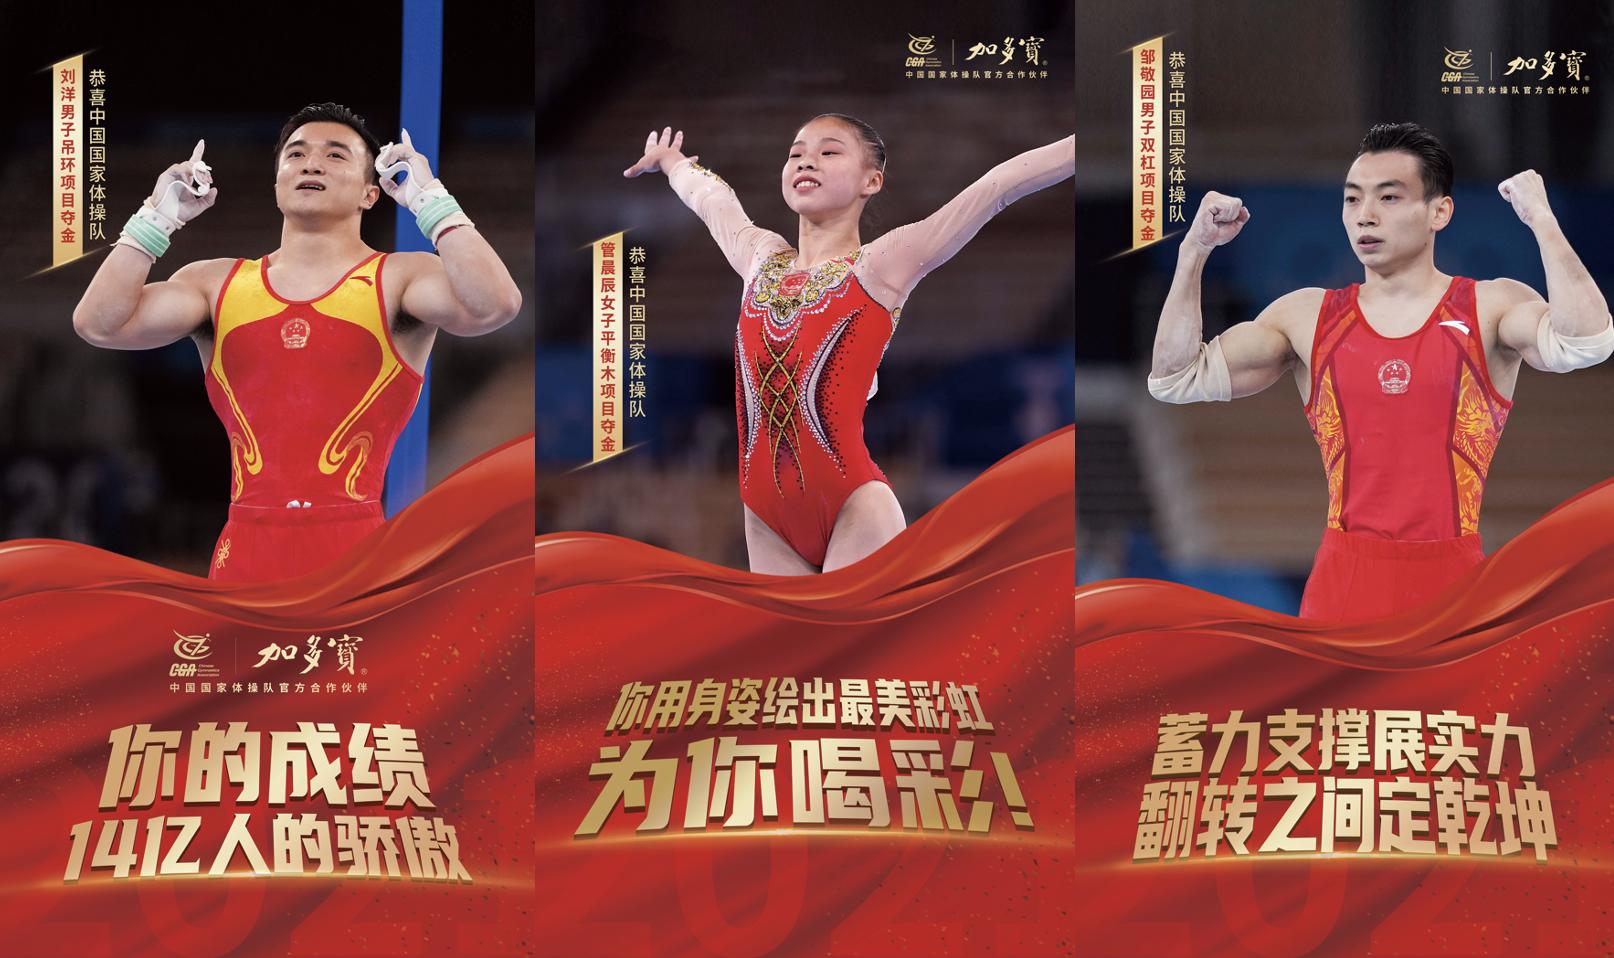 http://img.toumeiw.cn/upload/images/20210804/127c8f72584297578a5ec61d7a018e66.png